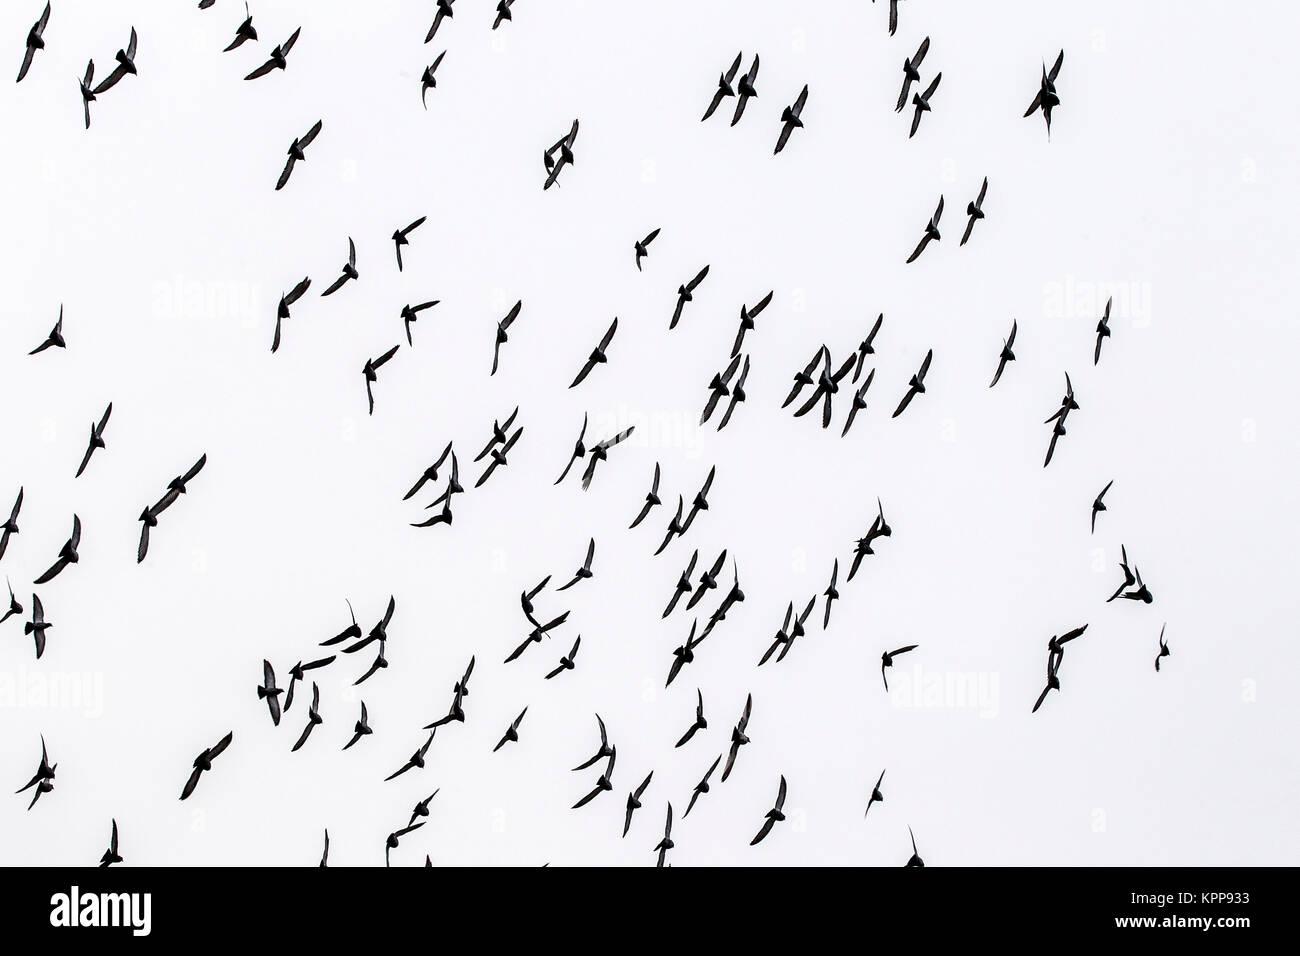 Tauben Beflockung Und Fliegen Stockfoto Bild Alamy - Fliesen beflocken